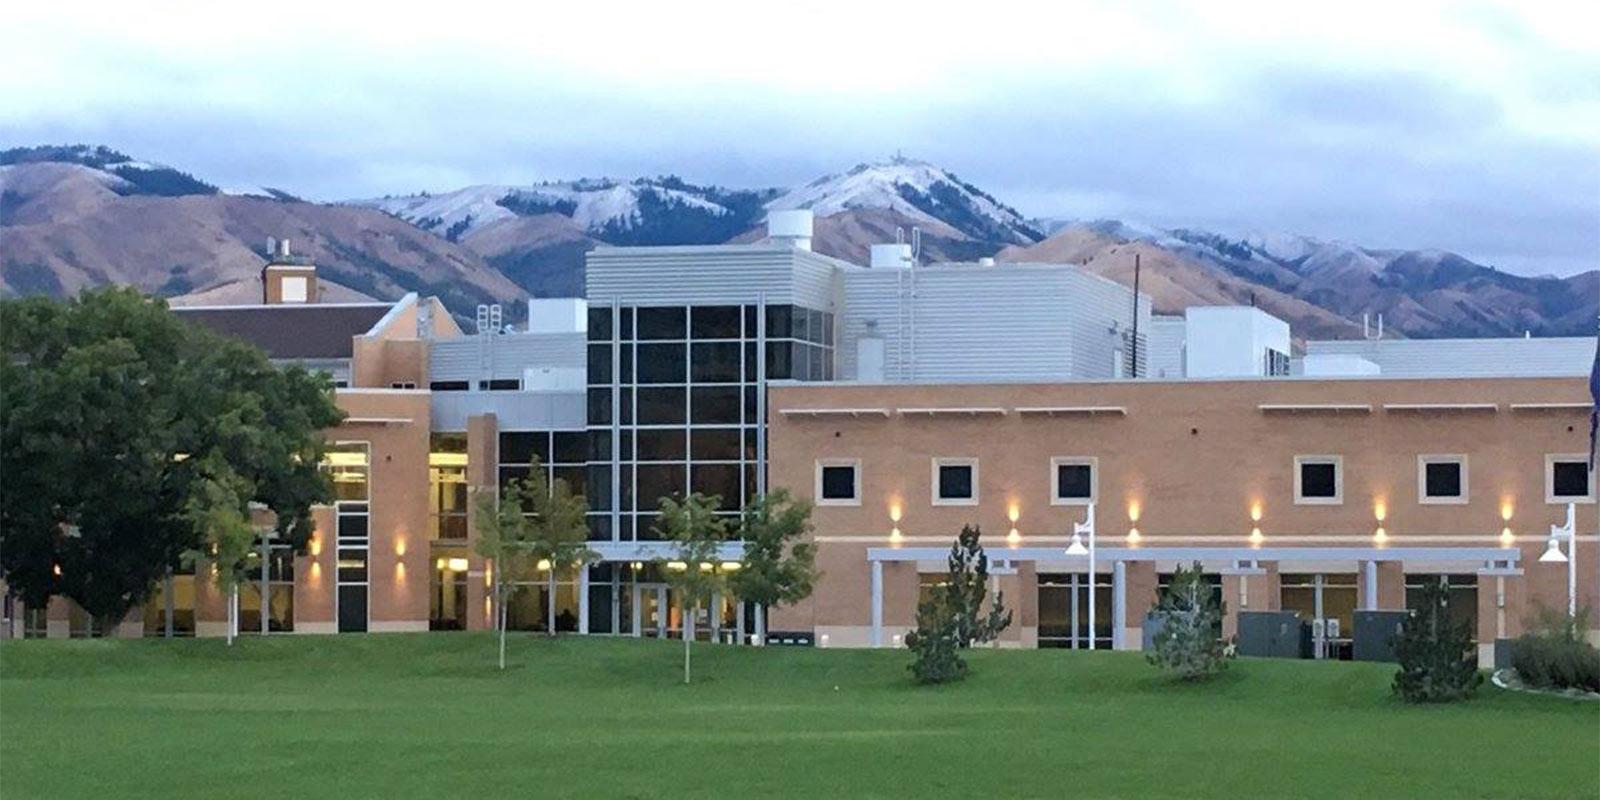 image: Rendezvous center exterior - ISU